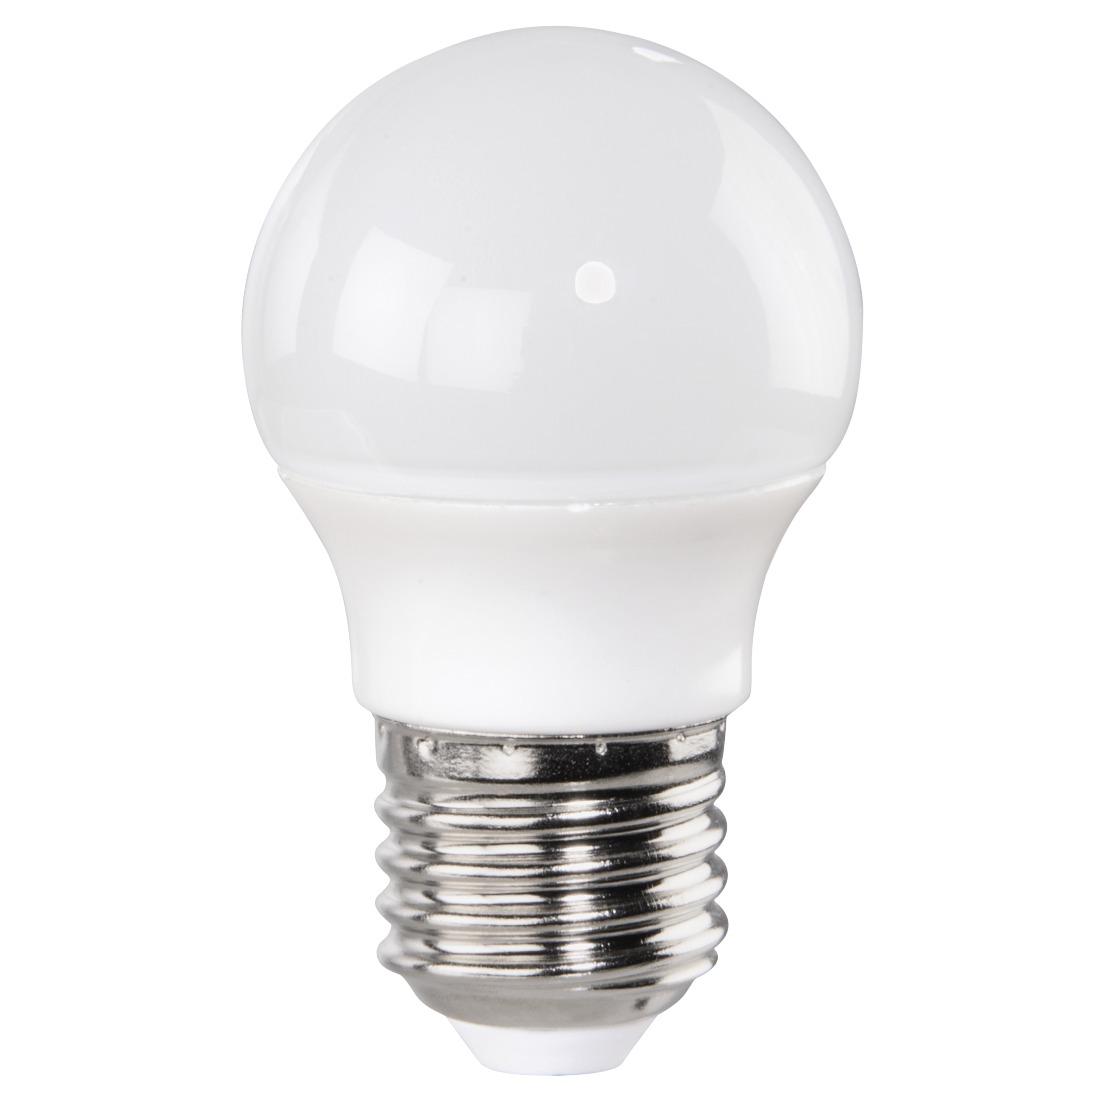 Korting Xavax LEDLAMP, E27, 470LM VERVANGT 40W, DRUPPELLAMP, WARM LED verlichting